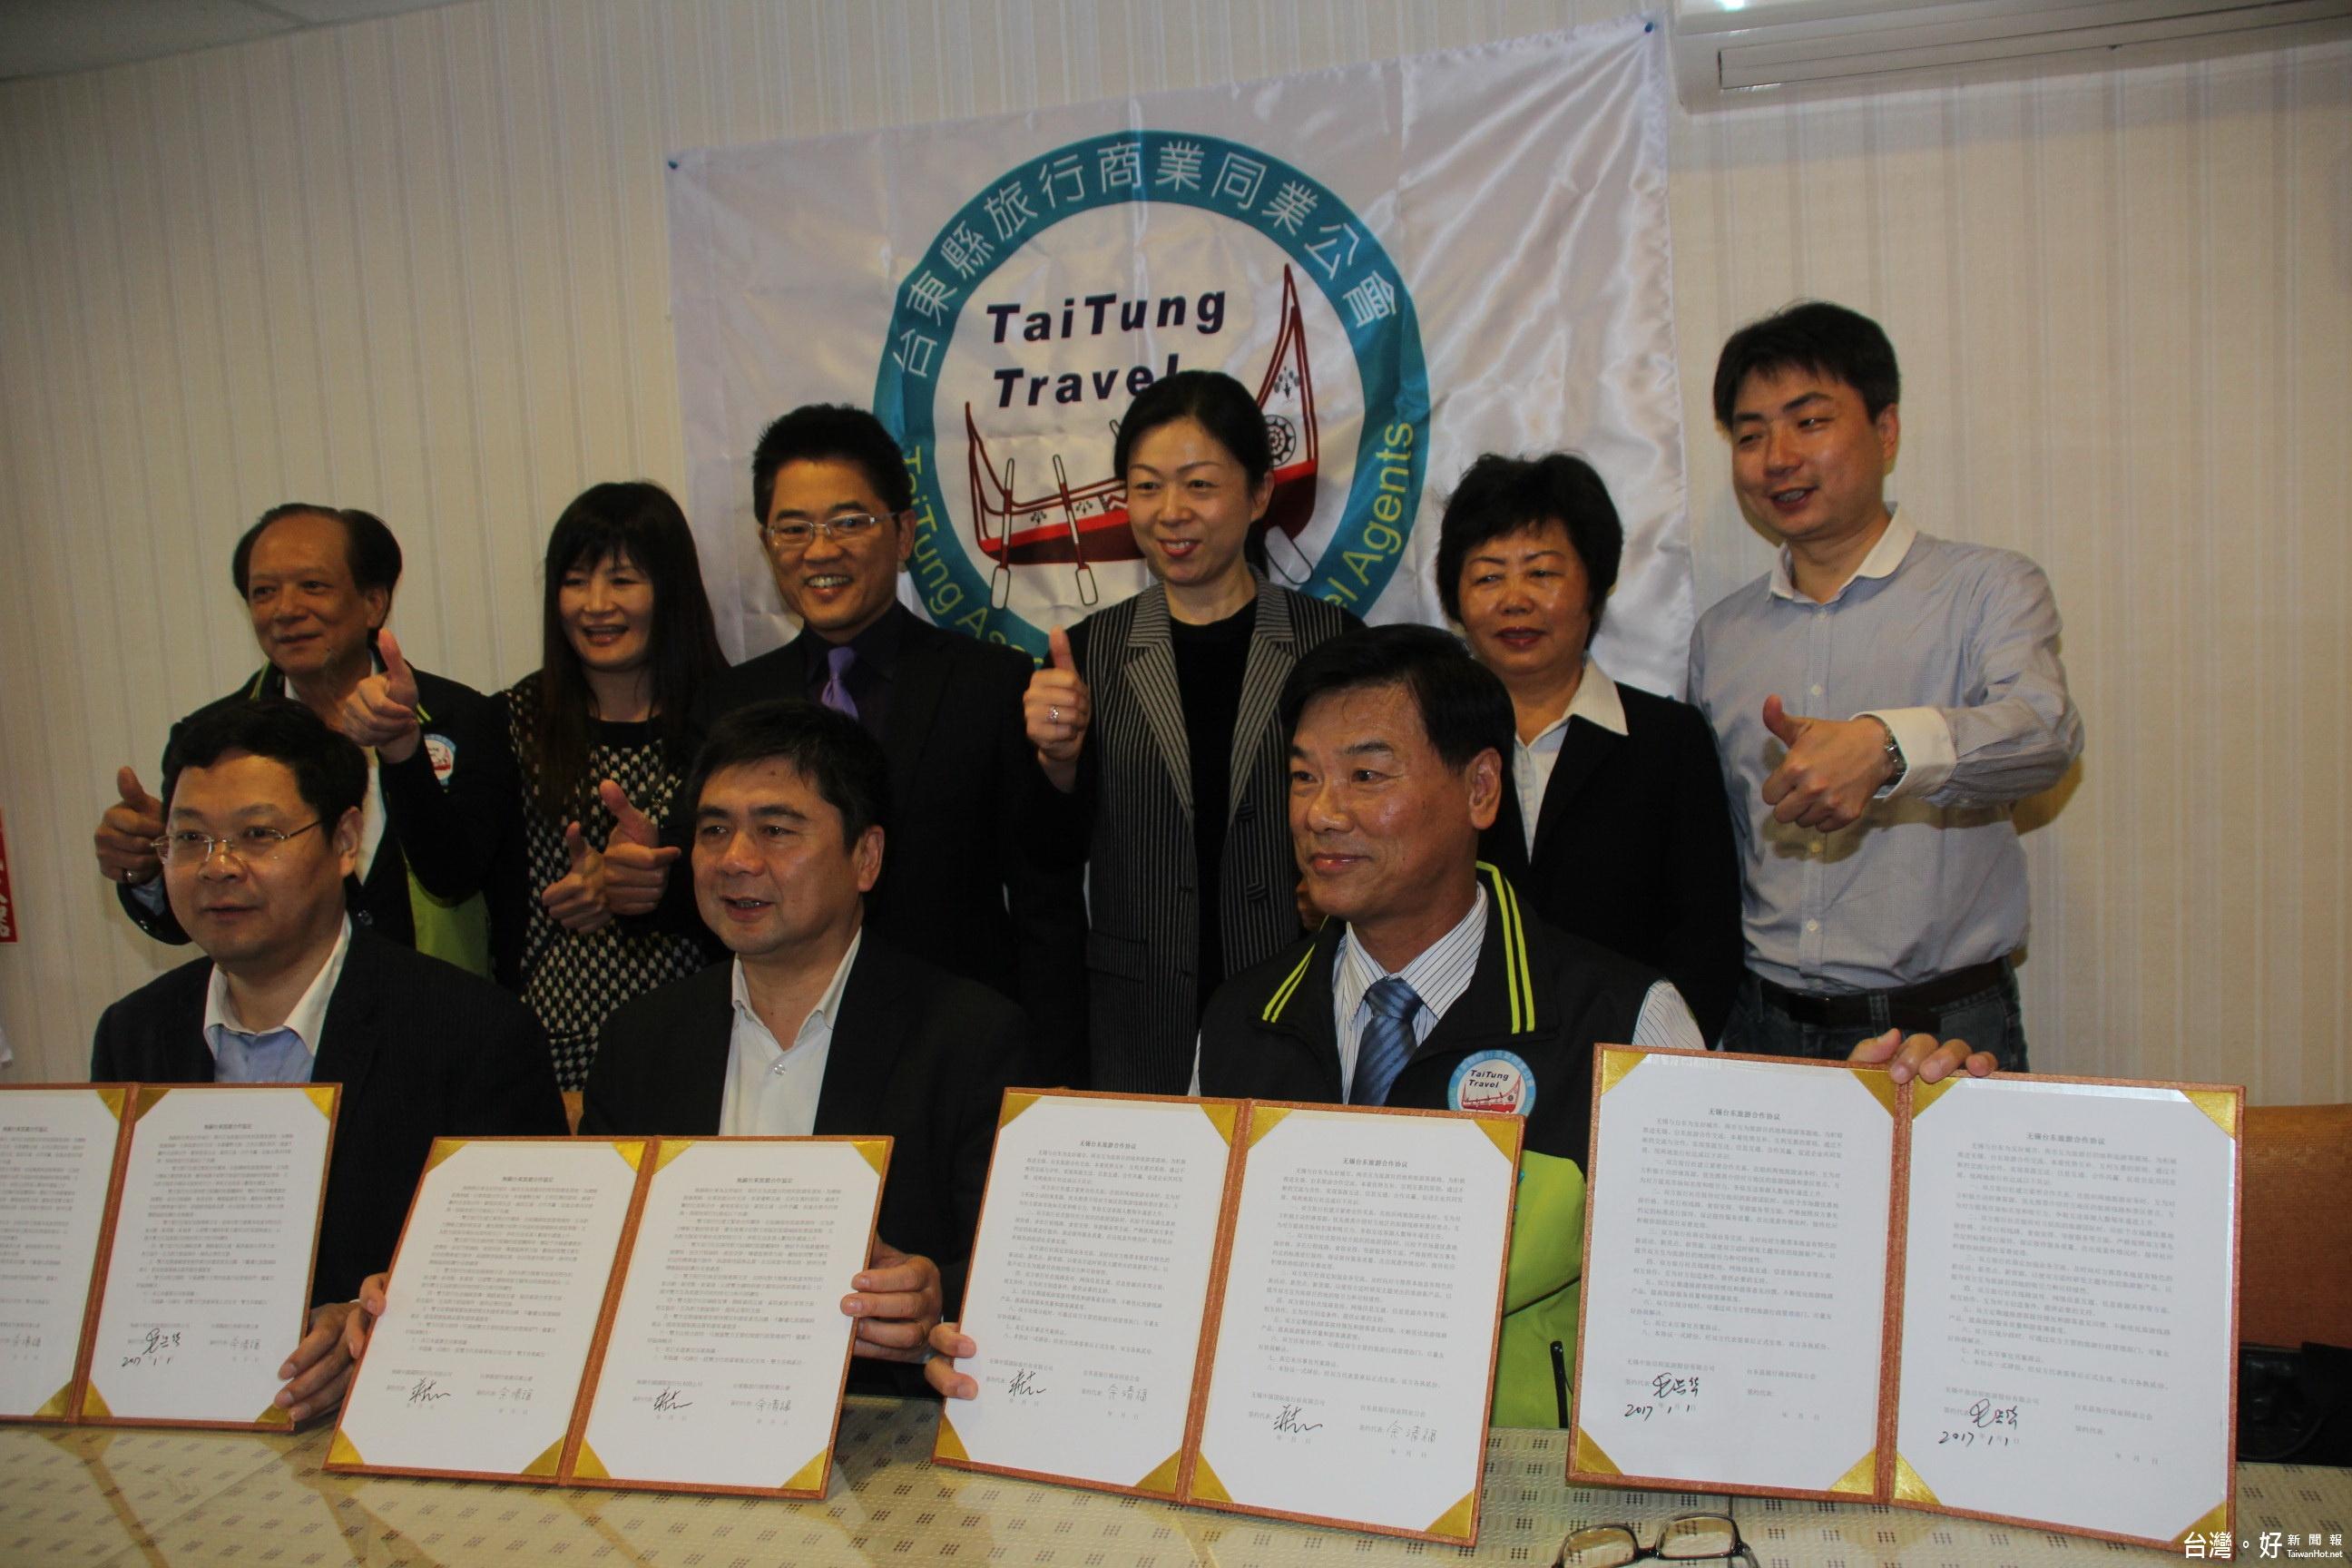 台東與無錫旅行業簽署合作協定 盼推動江蘇直飛台東